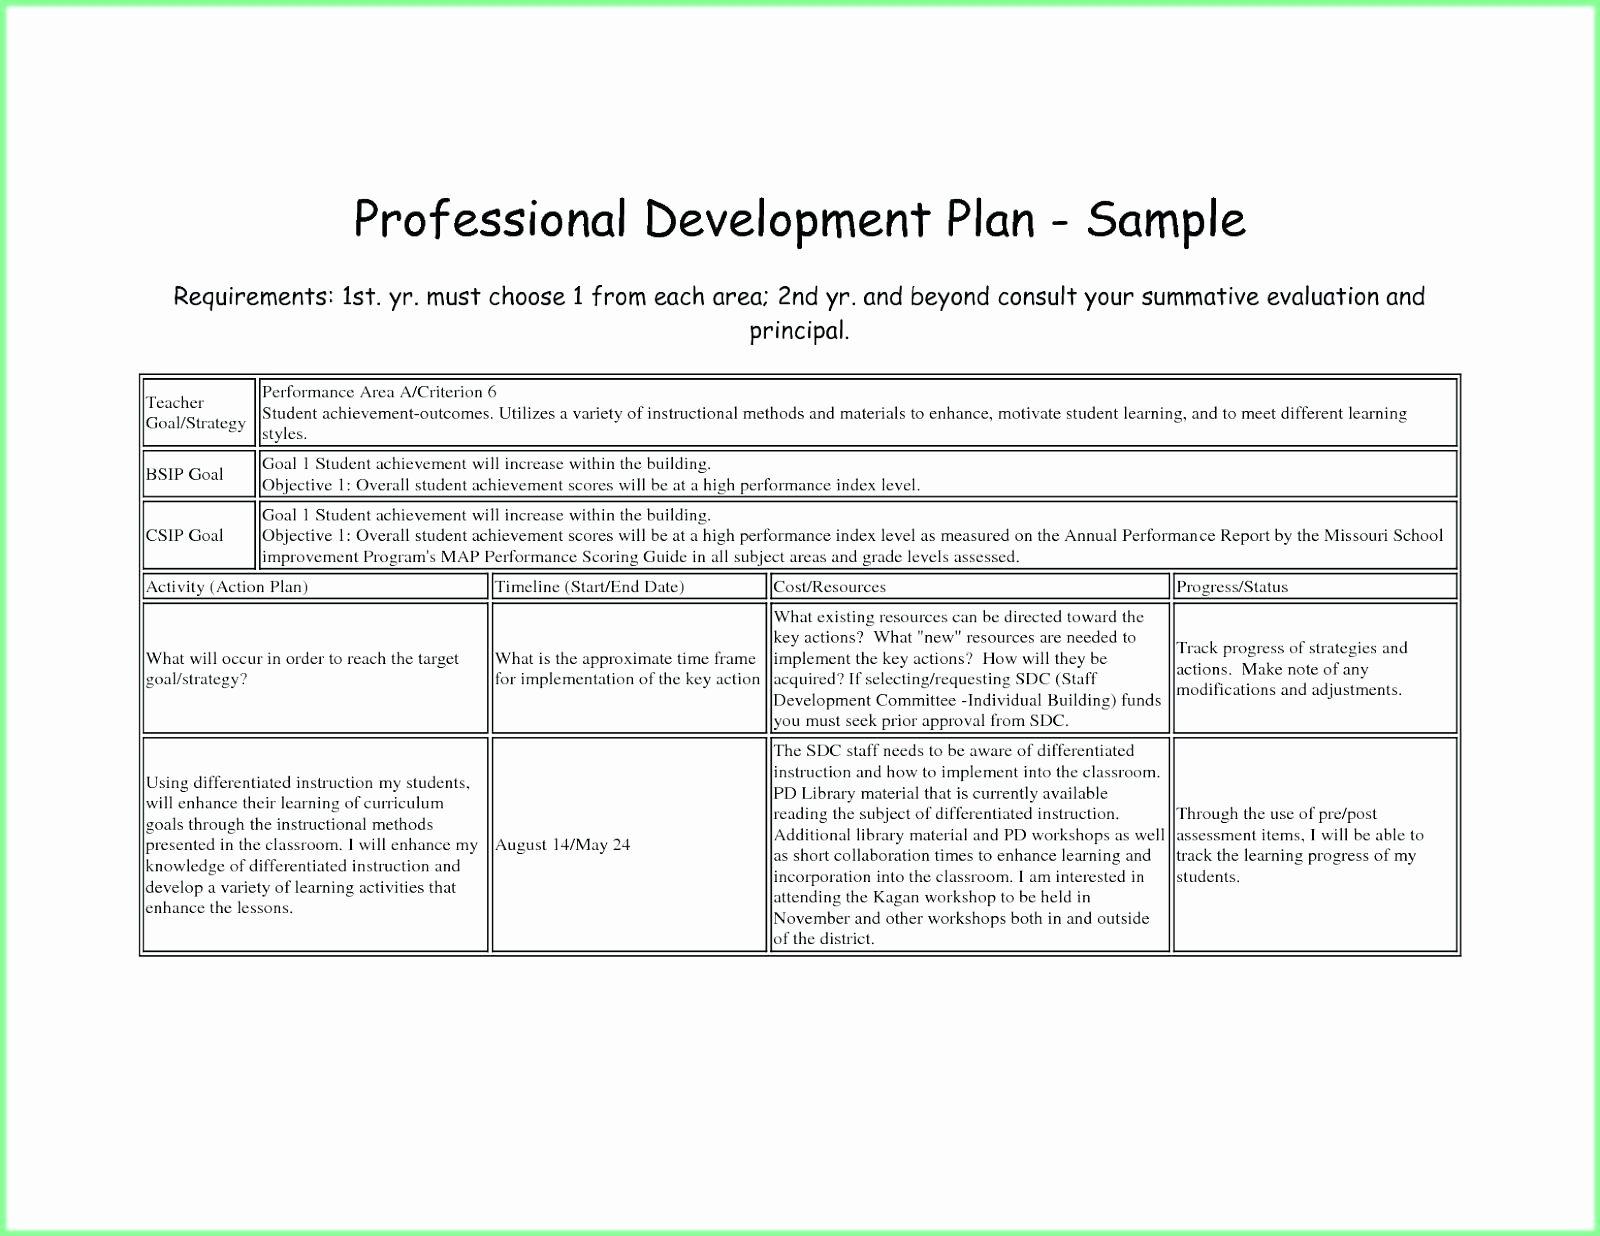 Human Resource Plan Template Elegant Human Resource Development Plan Template Templates Data